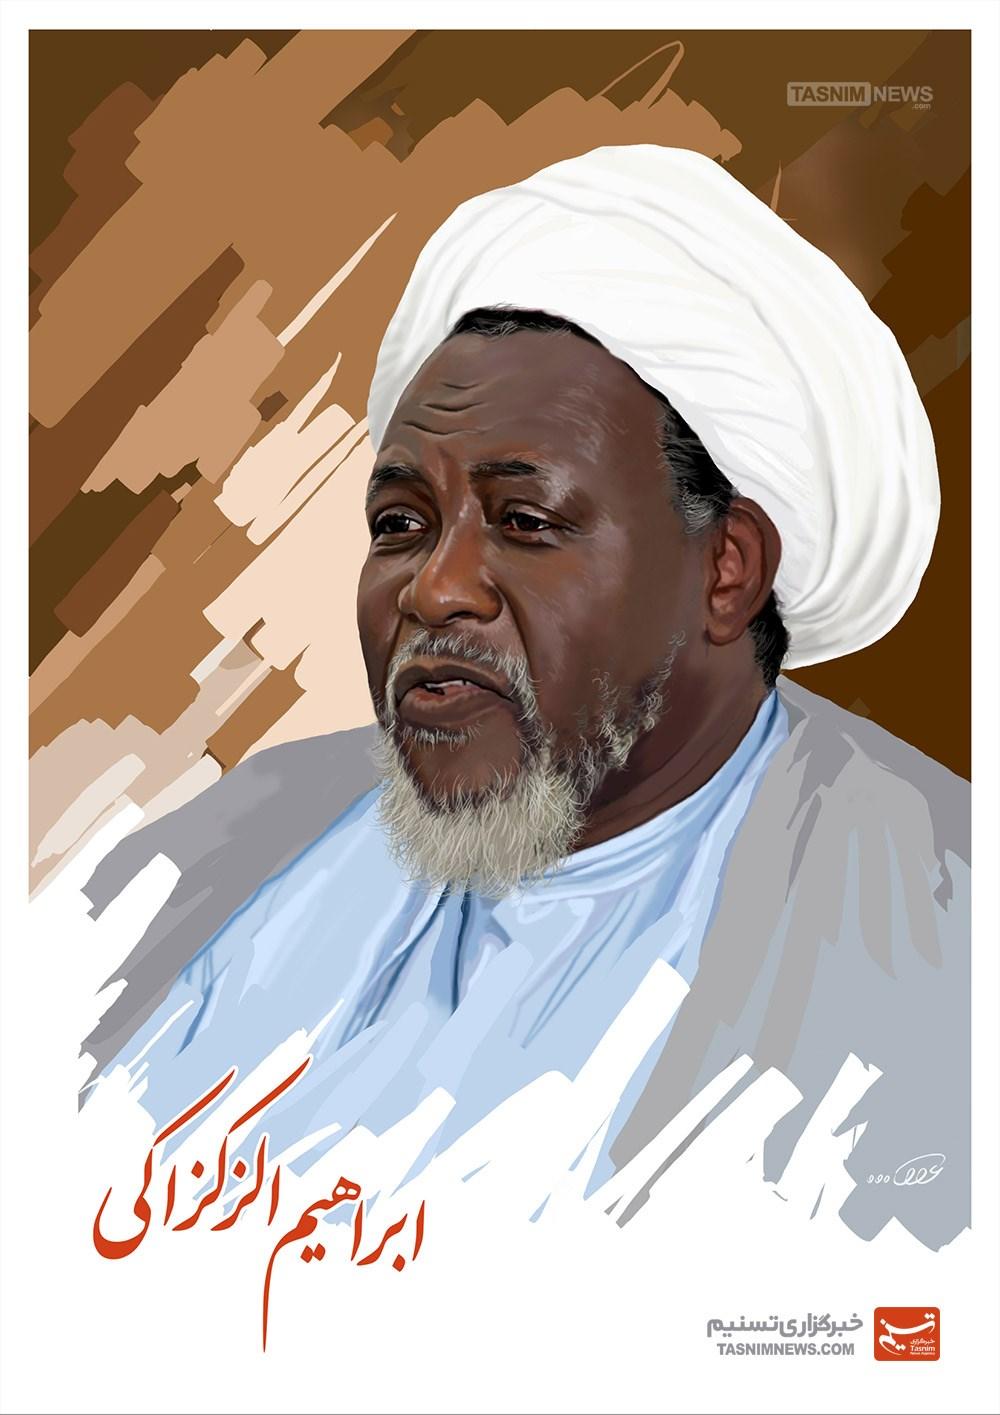 کشتار شیعیان نیجریه و سکوت دولت اعتدال